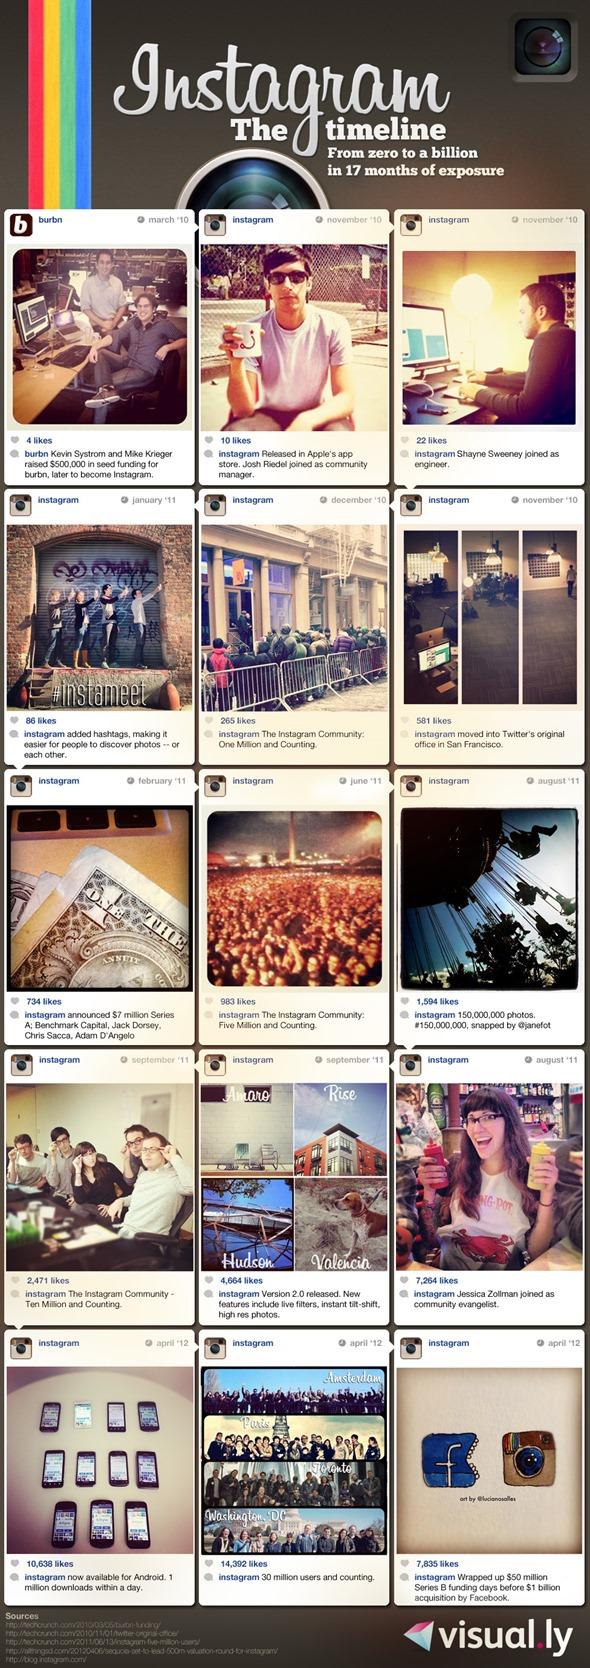 InstagramFromZerotoaBillion_4f84a1f86f668